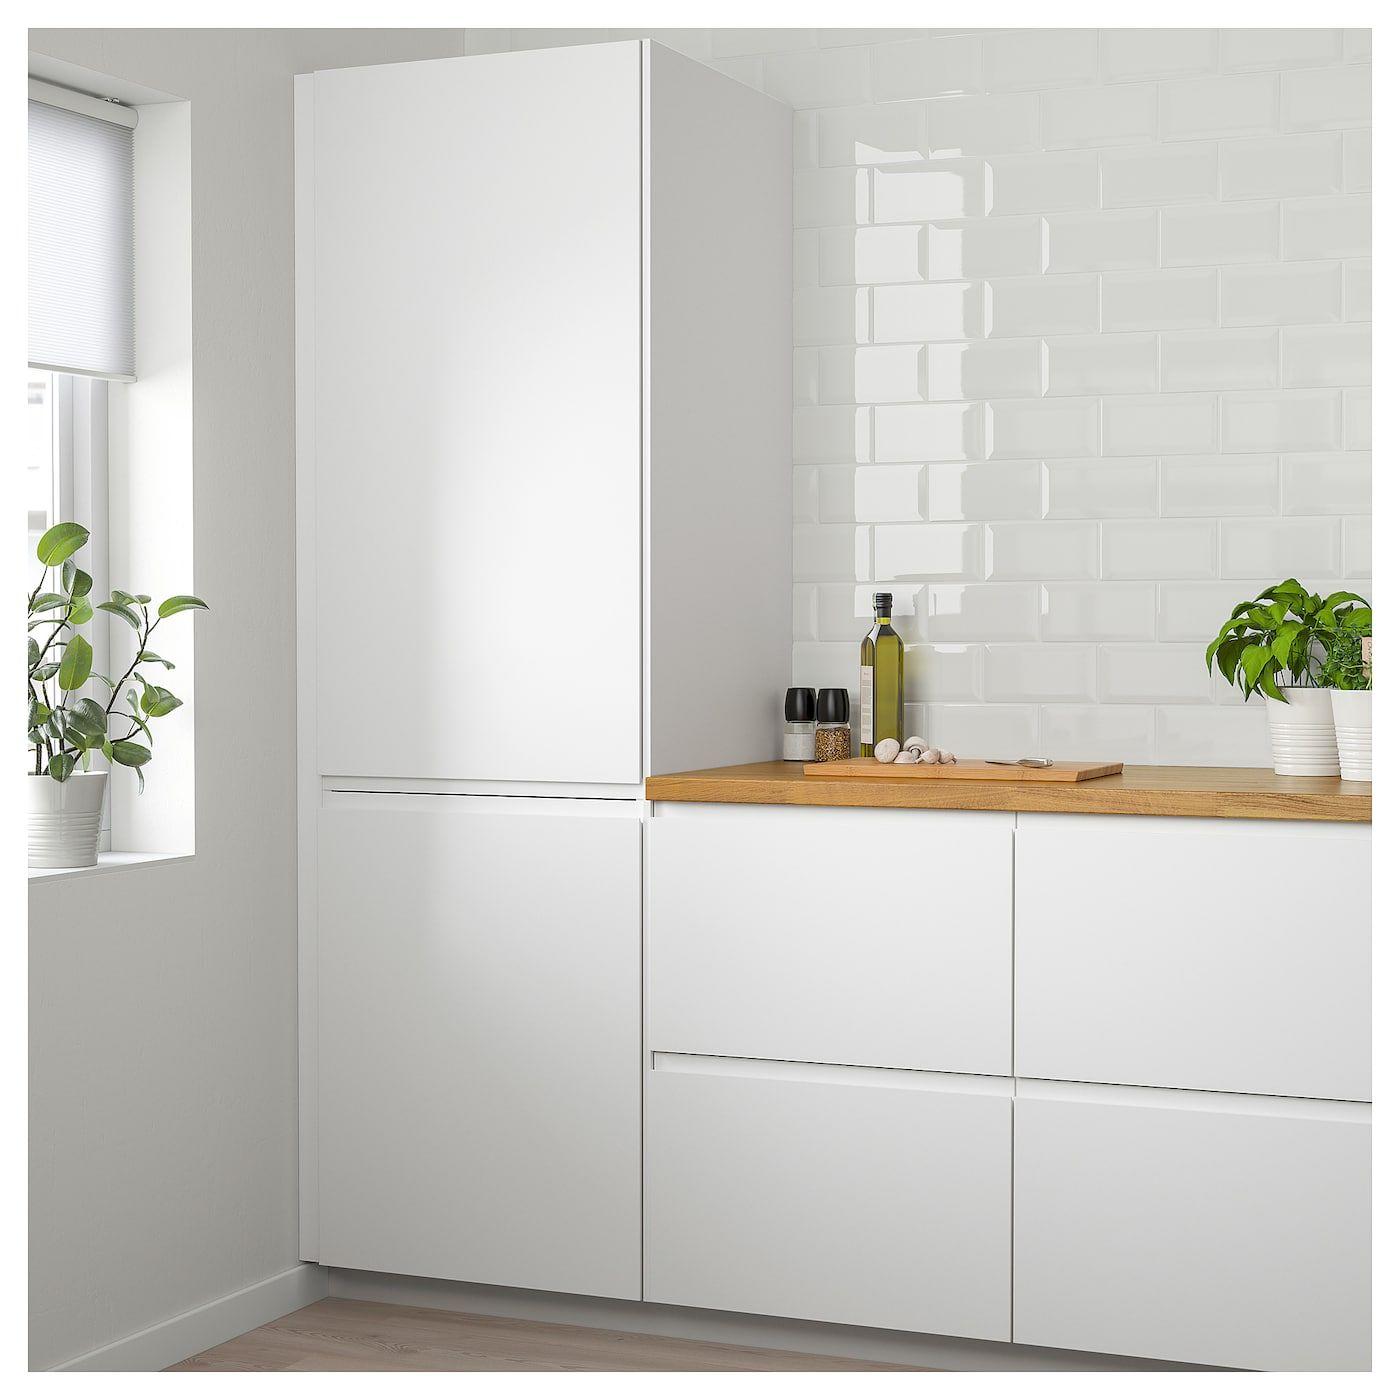 Voxtorp Deur Mat Wit Wit 40x100 Cm Ikea Keuken Renovatie Ikea Keuken Keuken Ontwerp